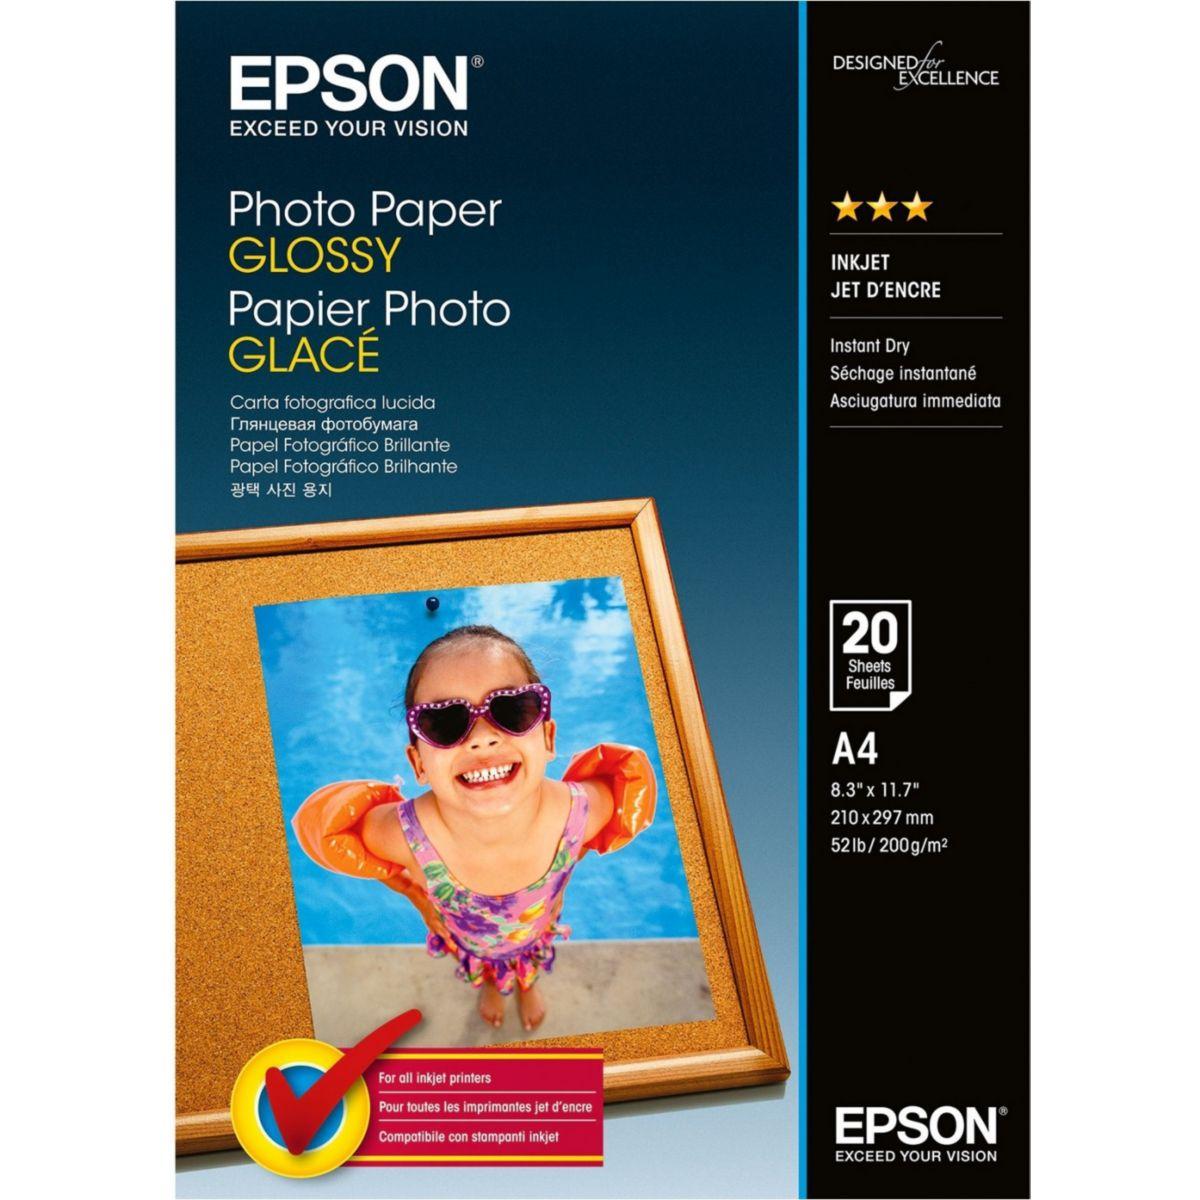 Papier photo epson glacé 200g a4 20 feuilles - produit coup de coeur webdistrib.com ! (photo)